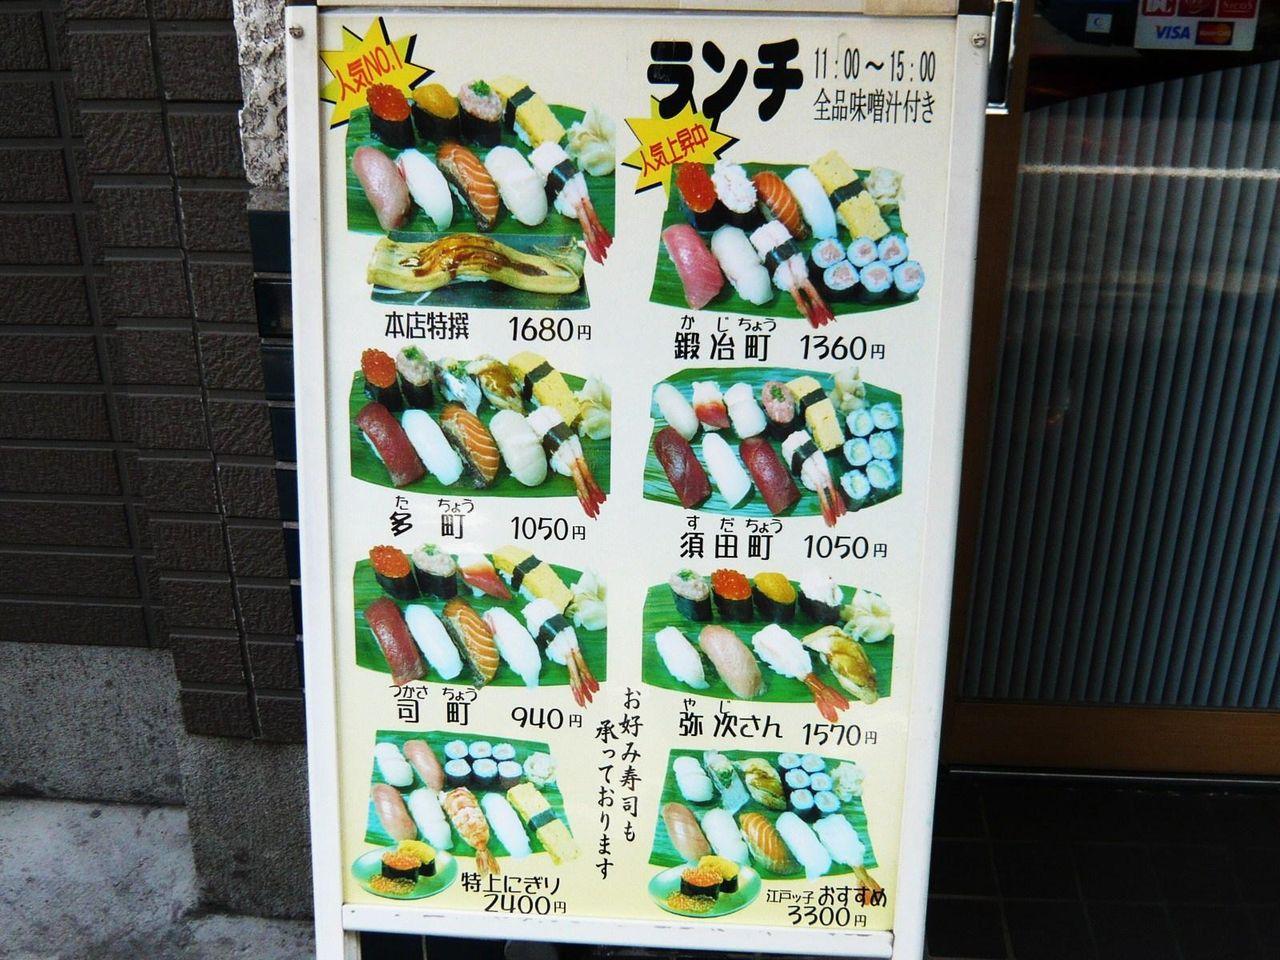 神田江戸ッ子寿司本店のランチメニュー(23年3月現在)